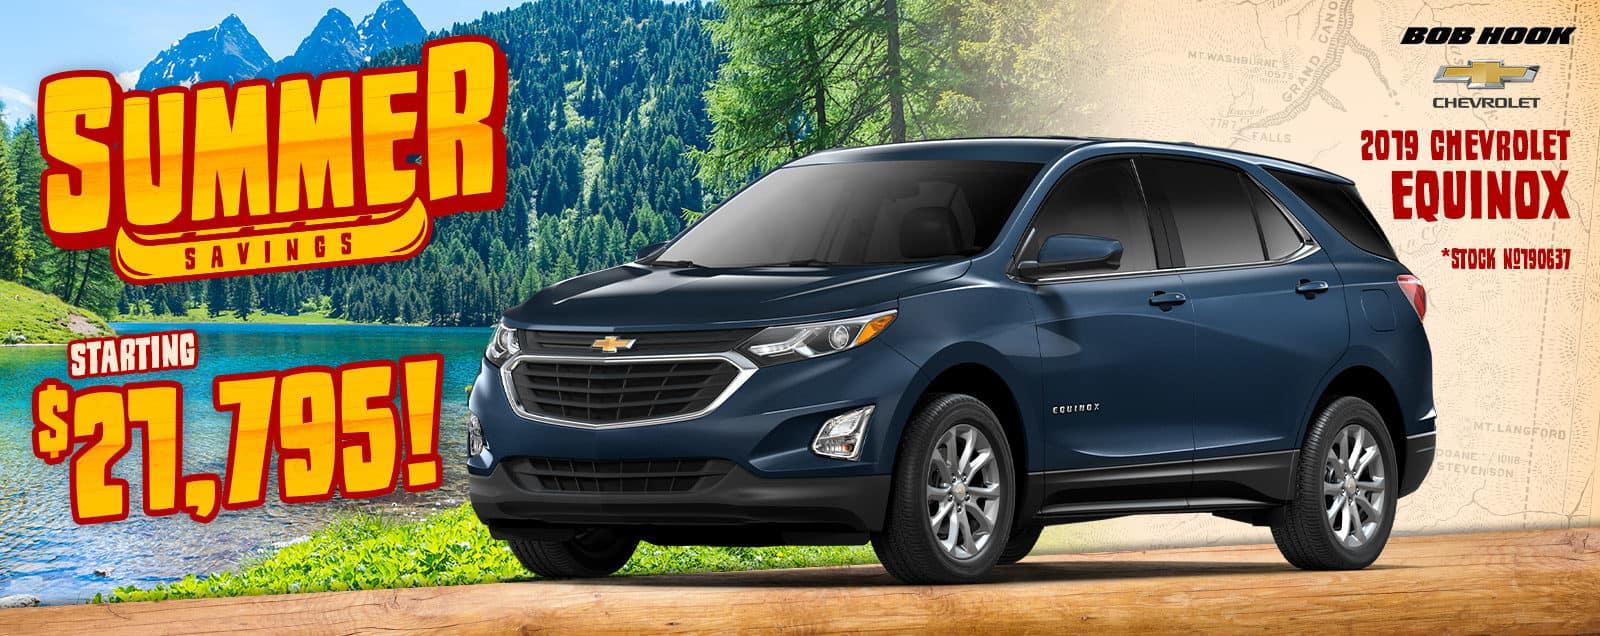 2019 Chevrolet Equinox Deals & Sales